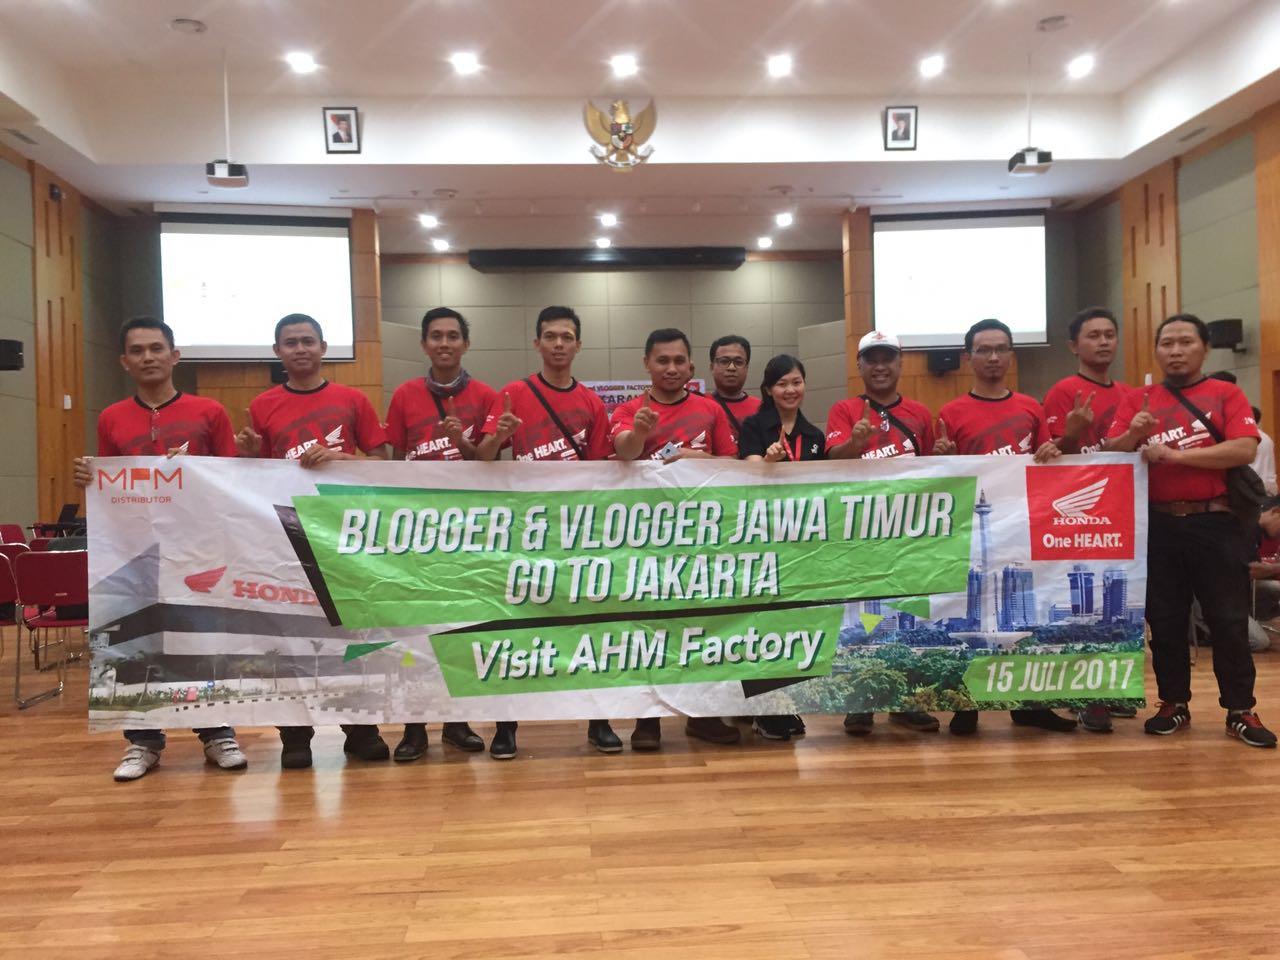 AHM Factory Visit, 55 Blogger dan Vlogger Otomotif Senusantara Sambangi Plant 4 dan 5 AHM di Karawang (1).jpeg